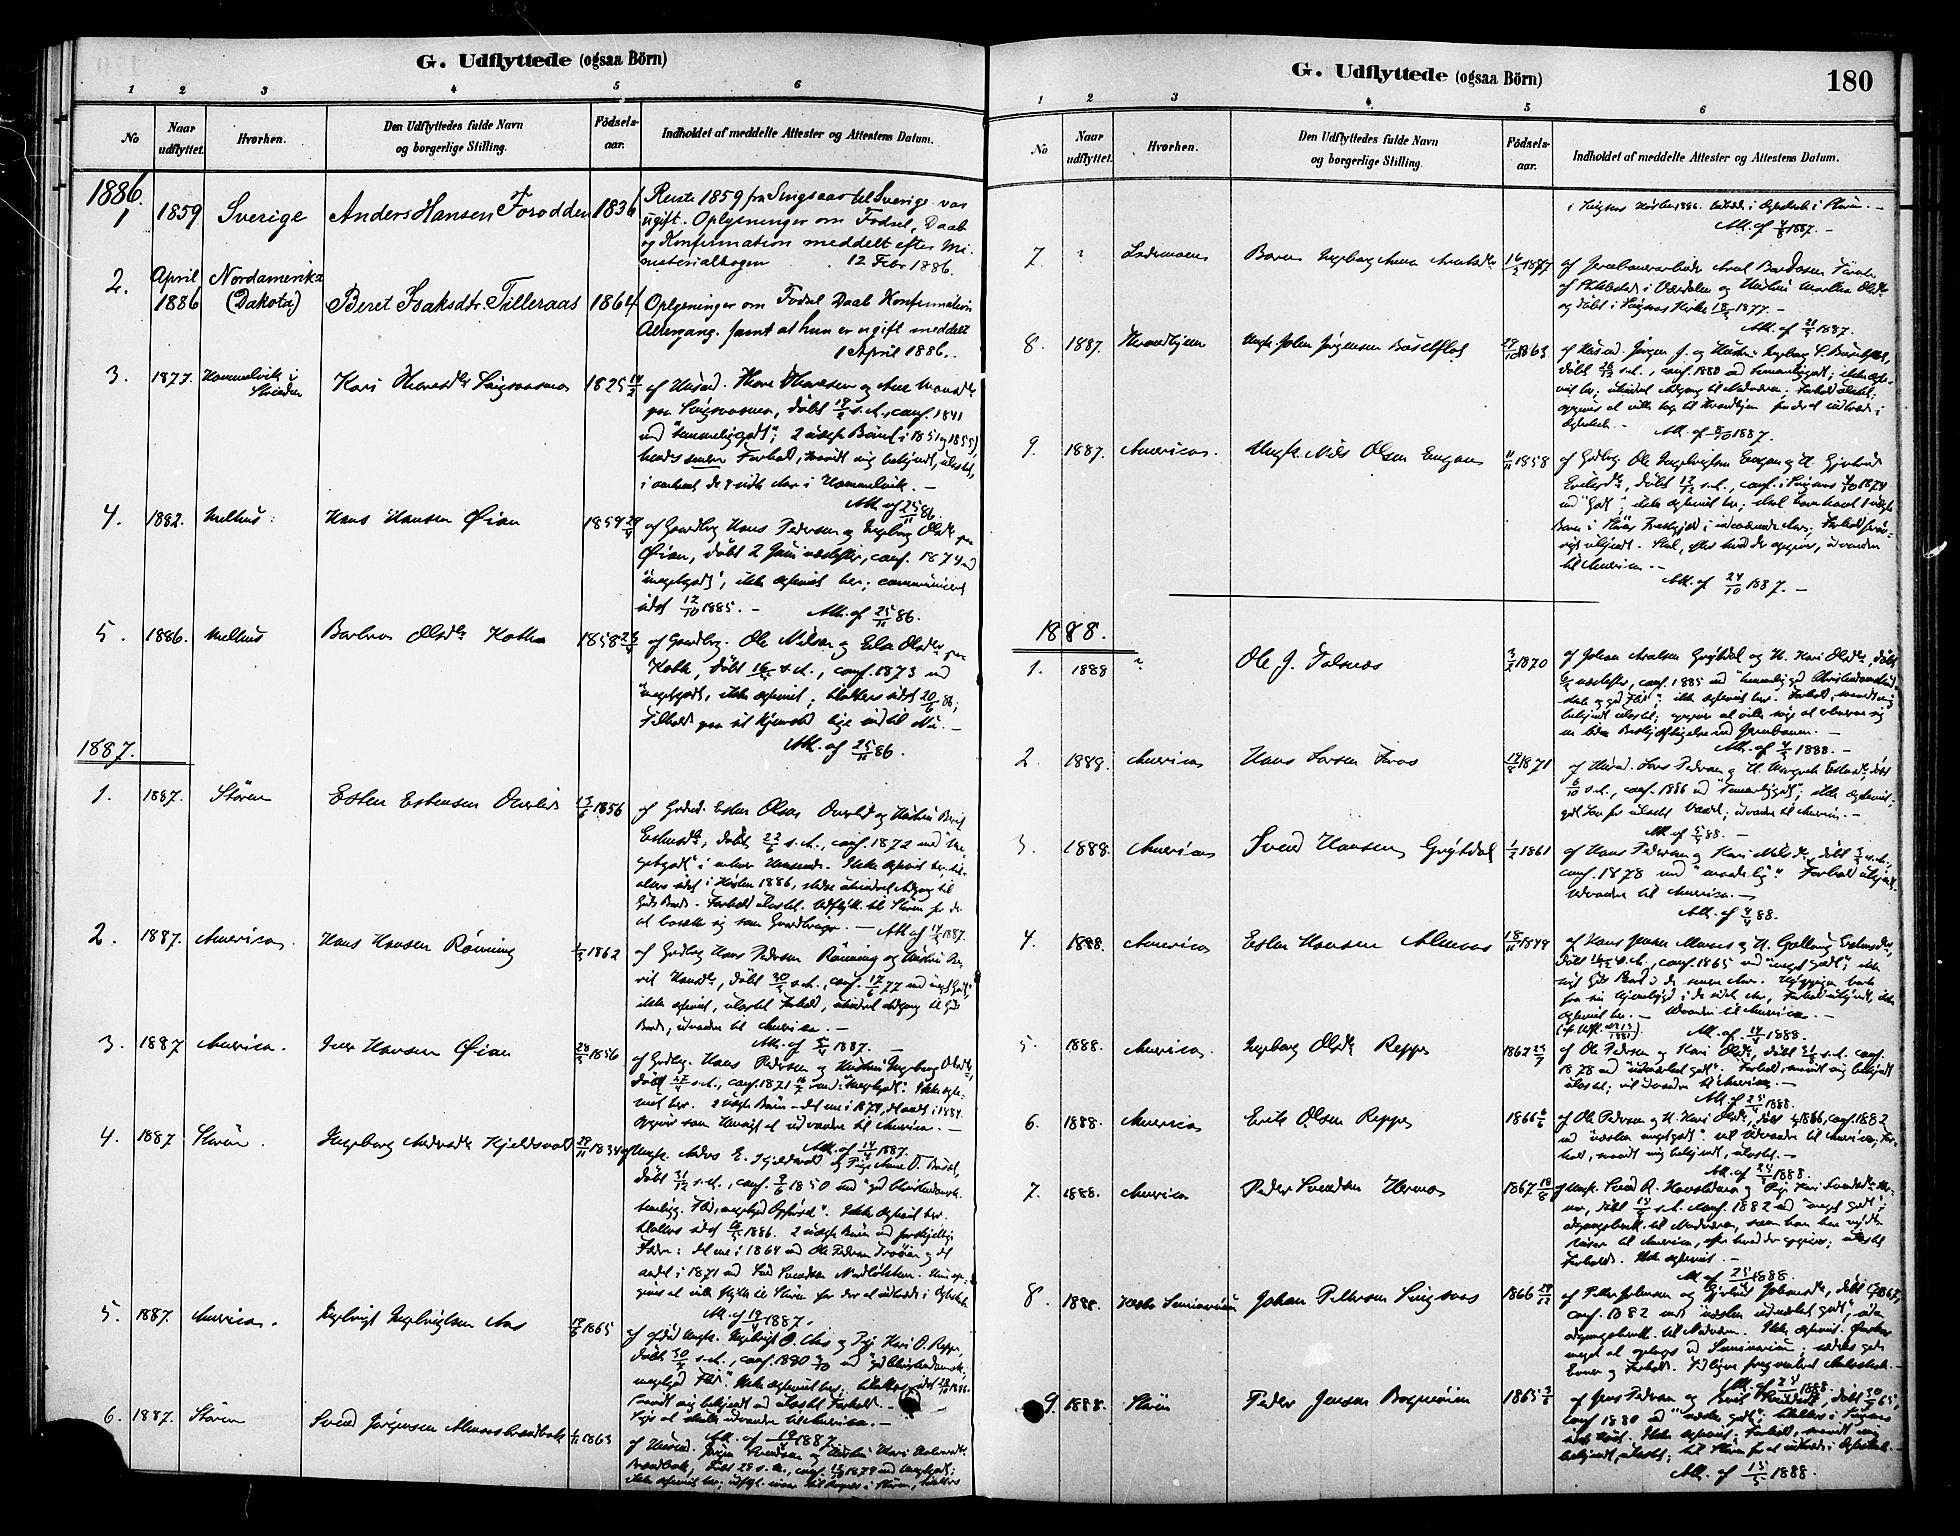 SAT, Ministerialprotokoller, klokkerbøker og fødselsregistre - Sør-Trøndelag, 688/L1024: Ministerialbok nr. 688A01, 1879-1890, s. 180